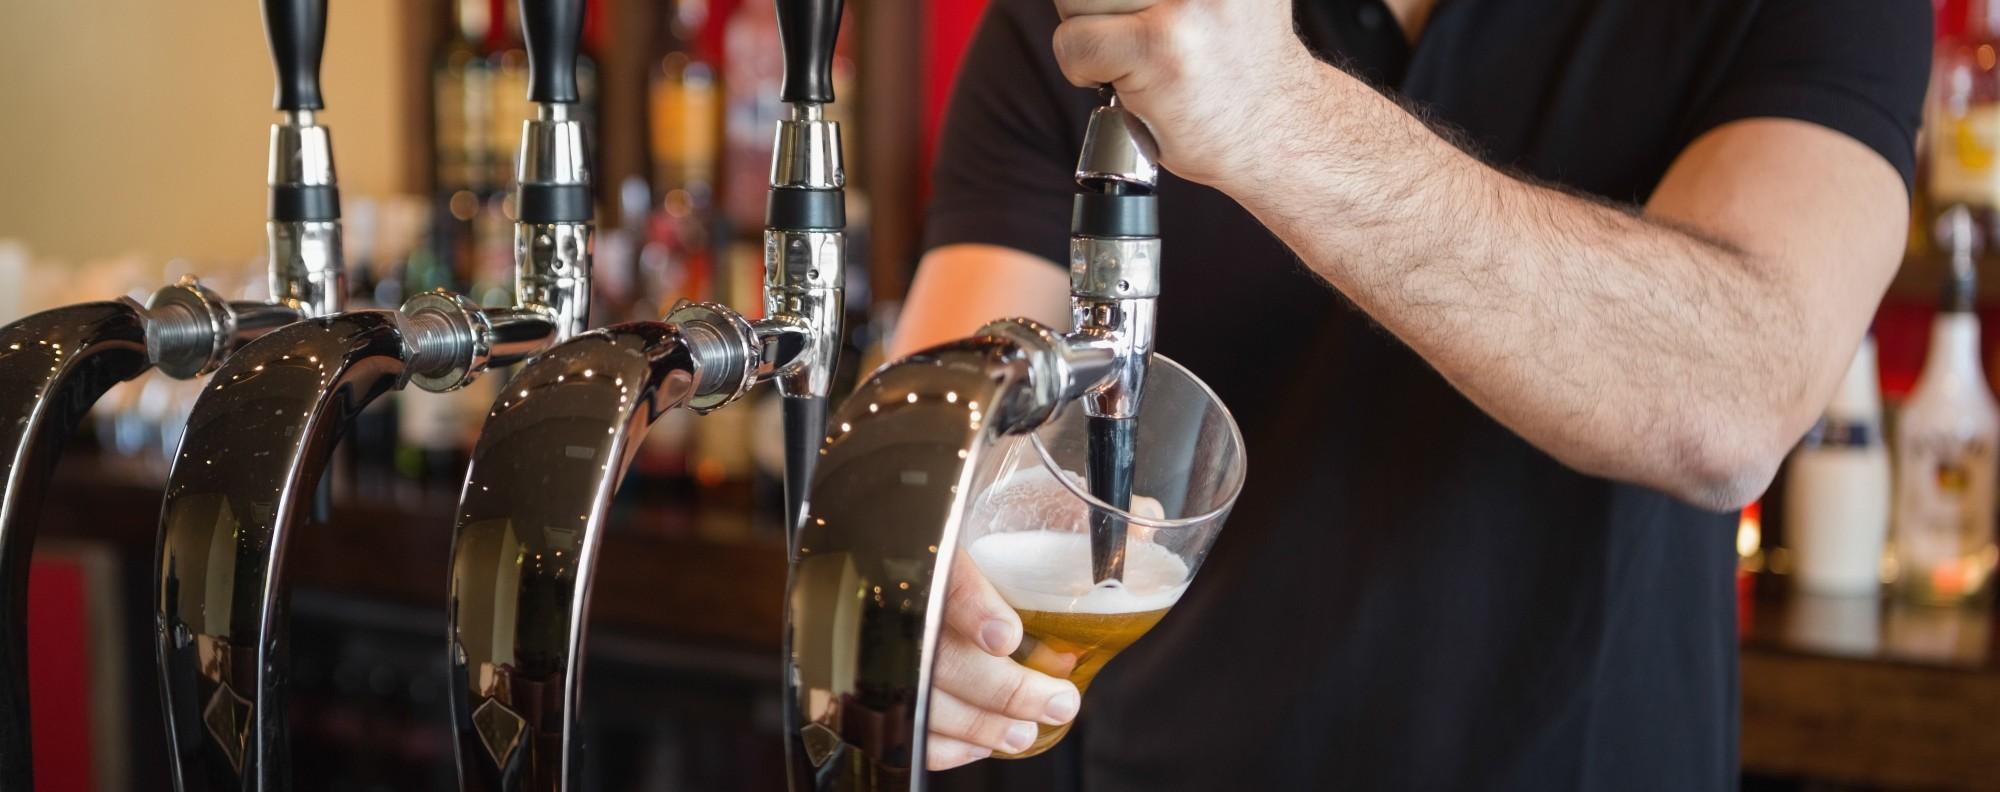 A bartender pulls a beer. Photo: Shutterstock